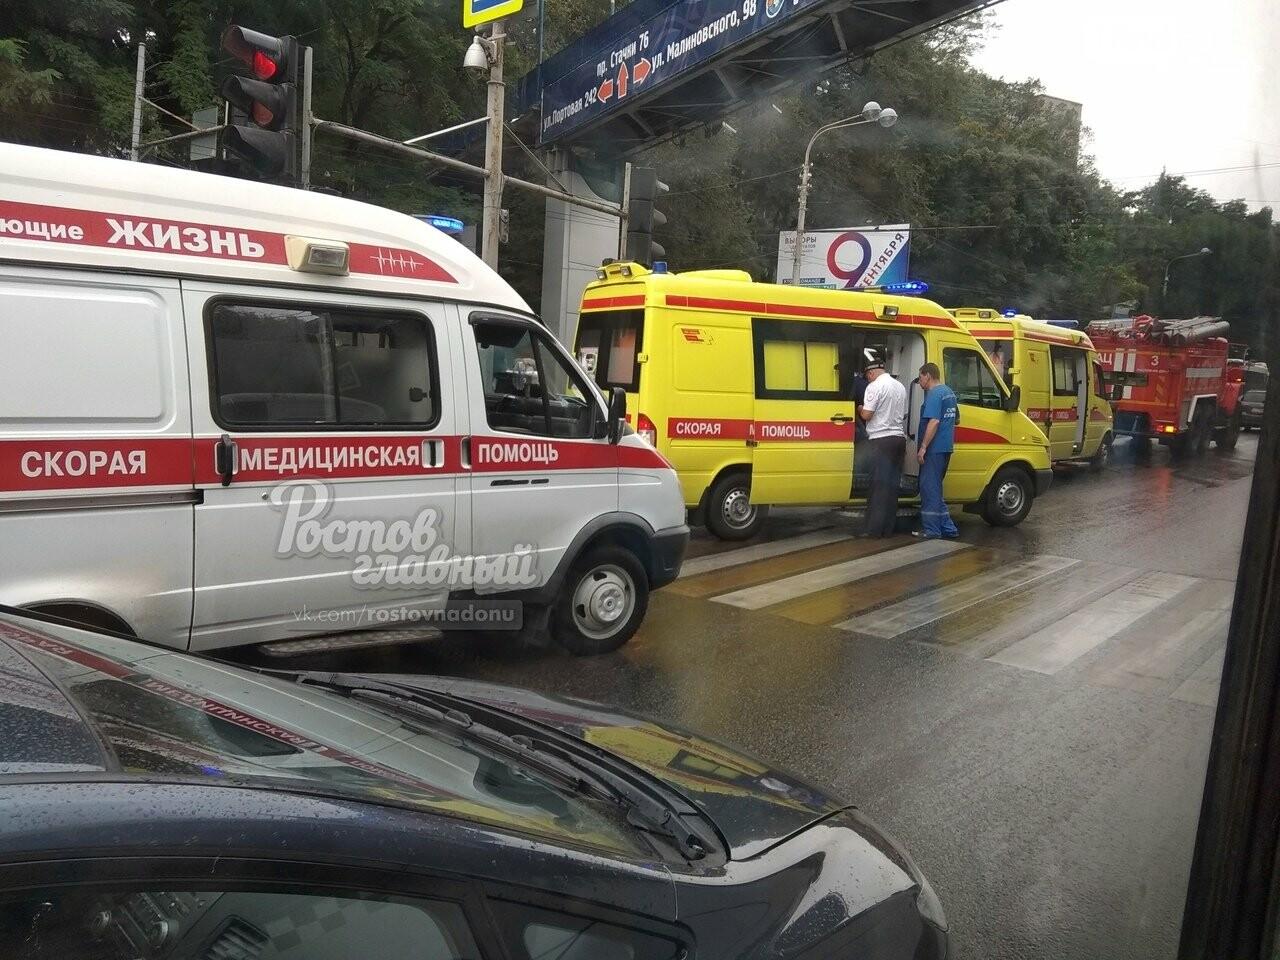 В Ростове маршрутка врезалась в стоящий на остановке автобус, фото-3